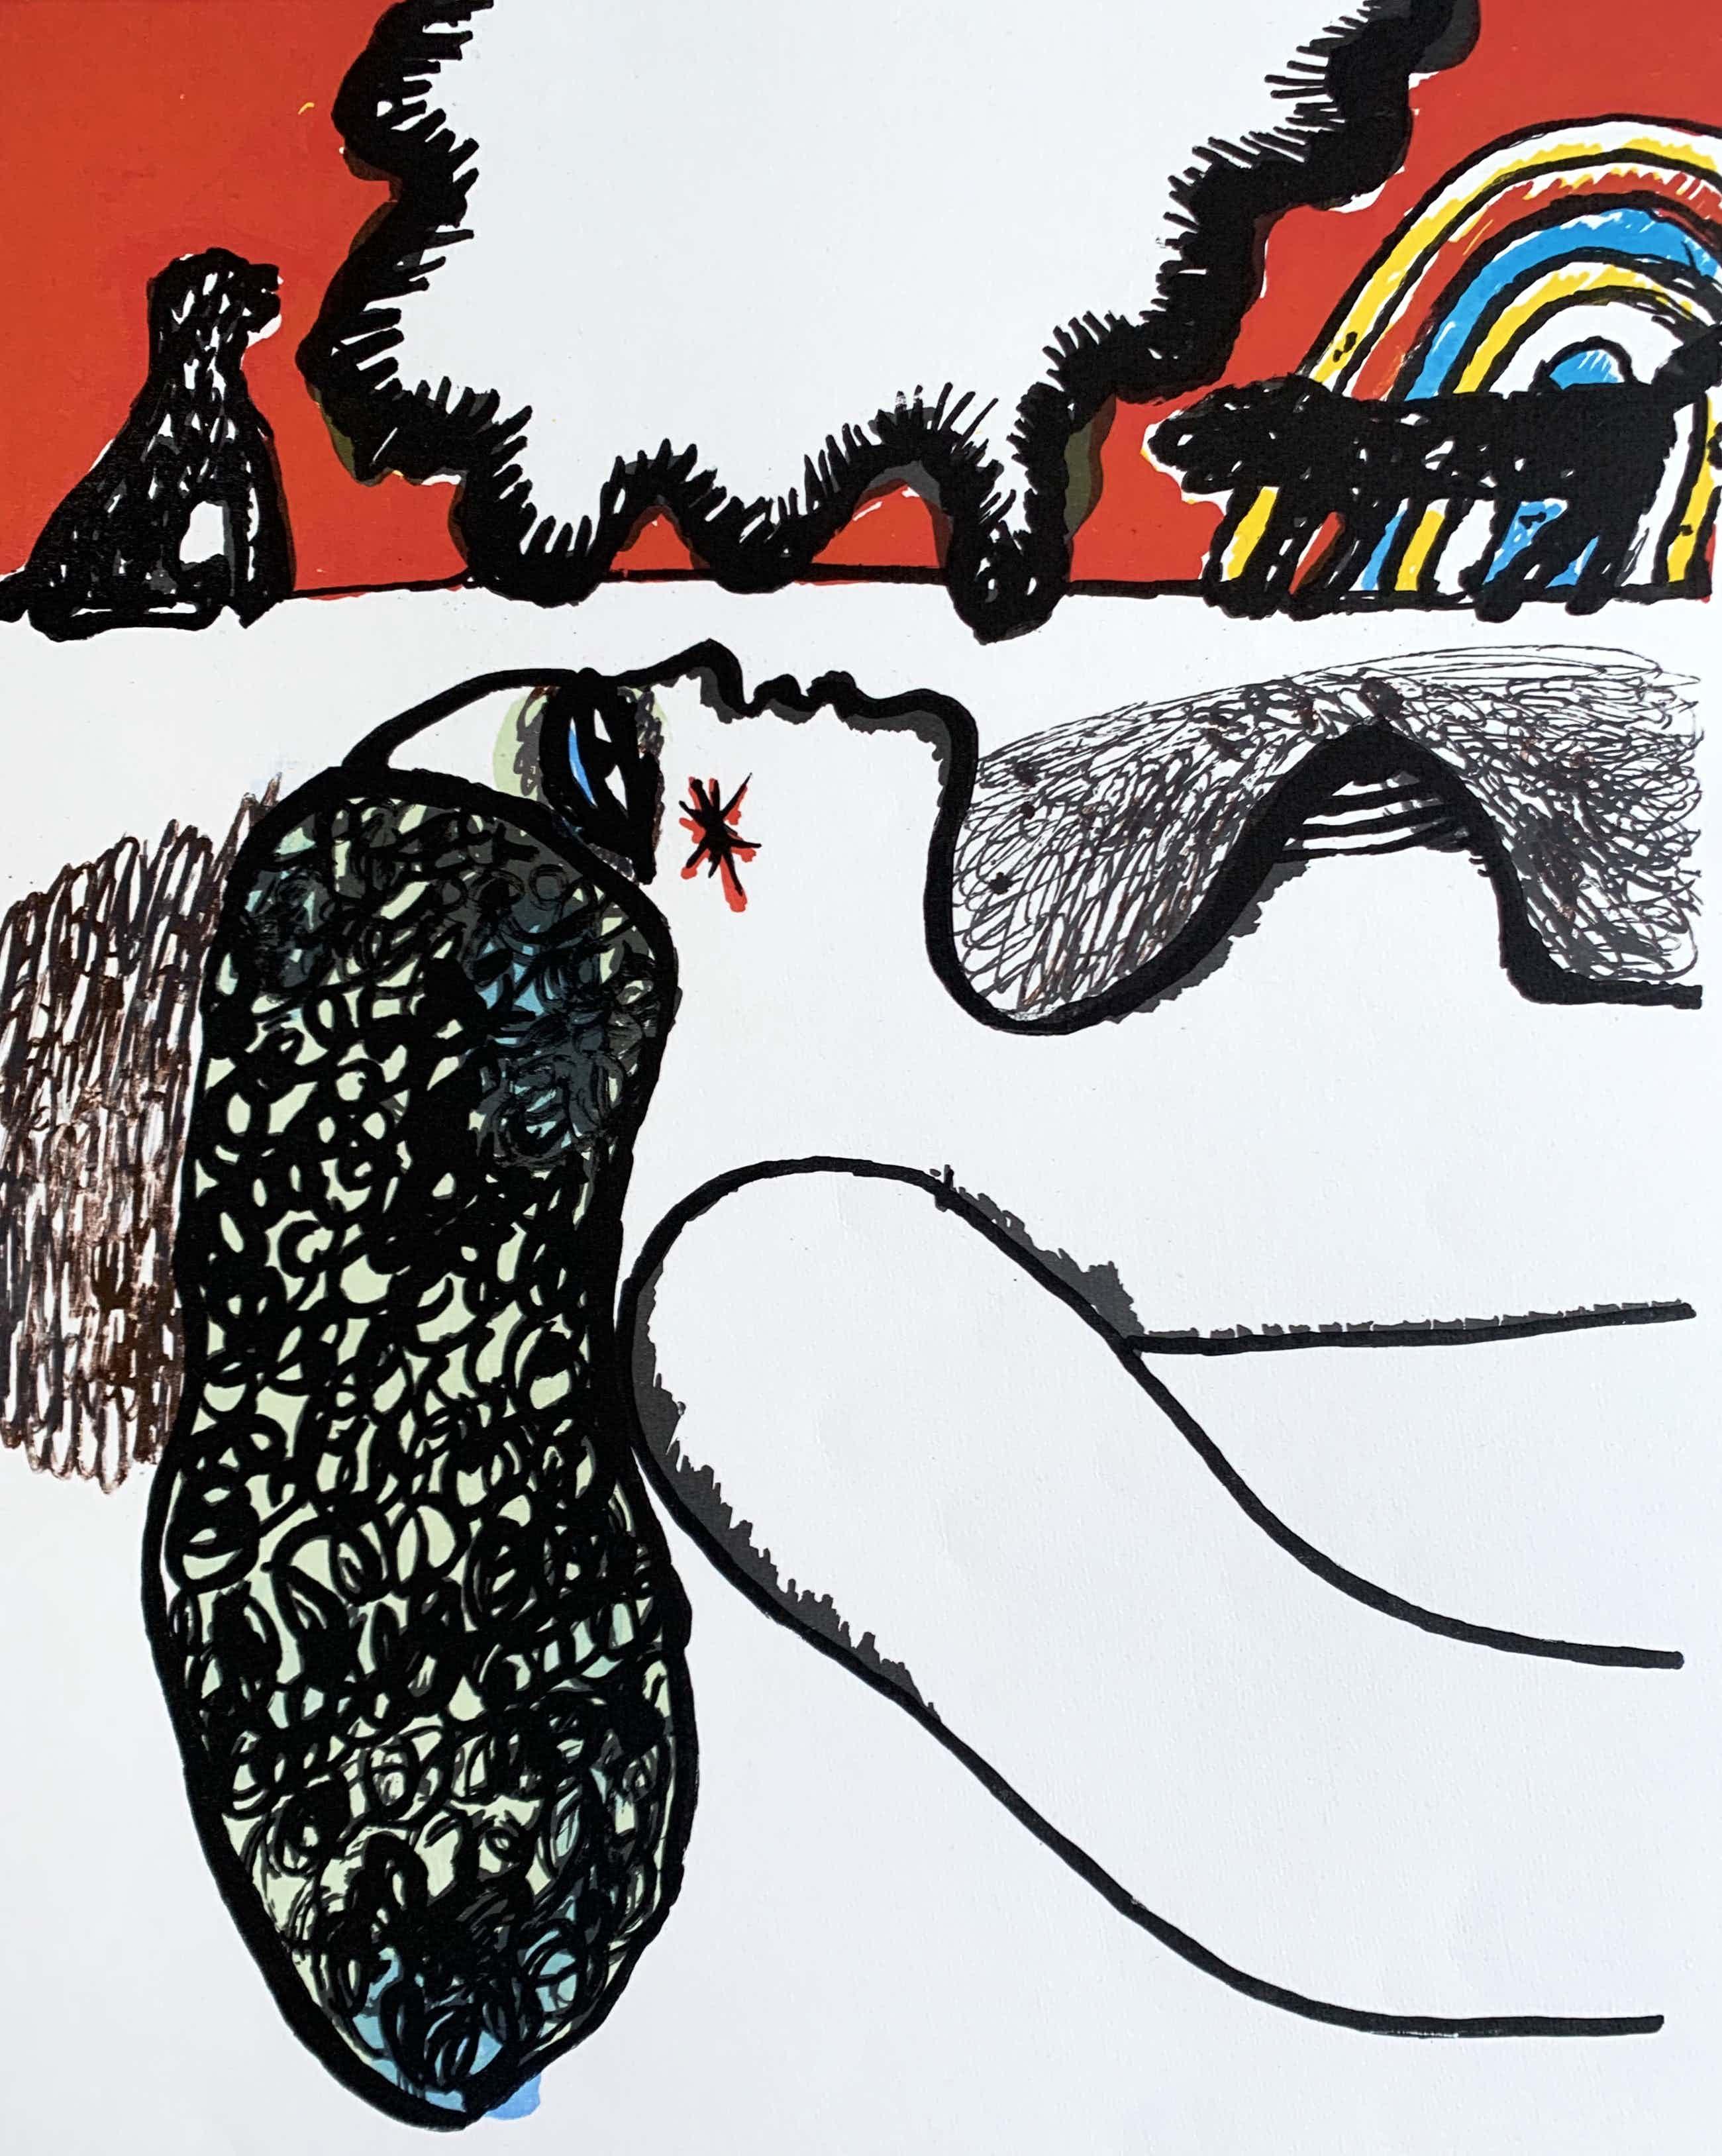 Corneille - kleurenzeefdruk - 'Deux fois un chien' - 1975 kopen? Bied vanaf 250!